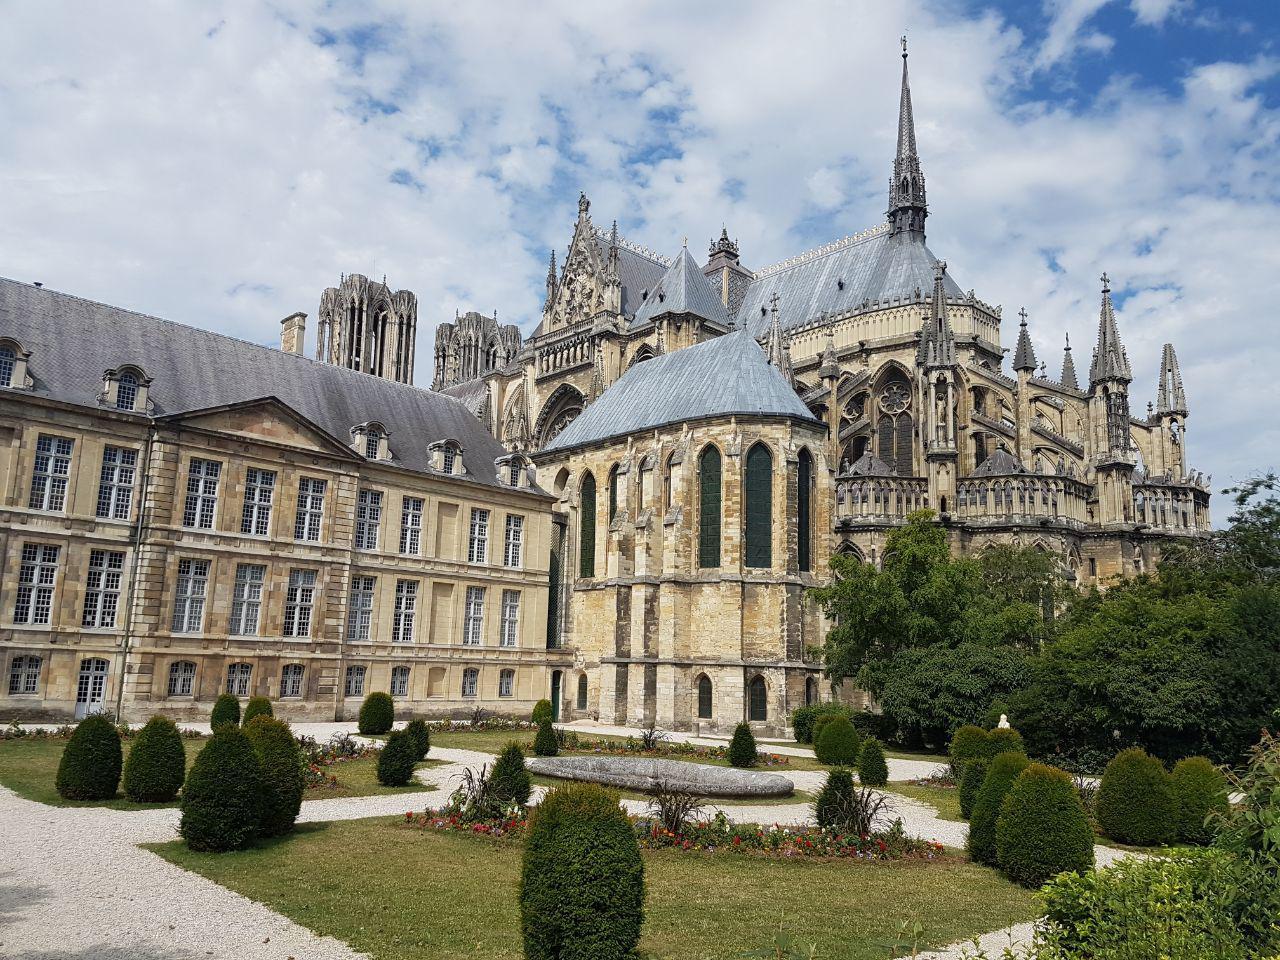 הקתדרלה בריימס. כמעט כל מלכי צרפת הוכתרו בה (צילום: אחיה ראב